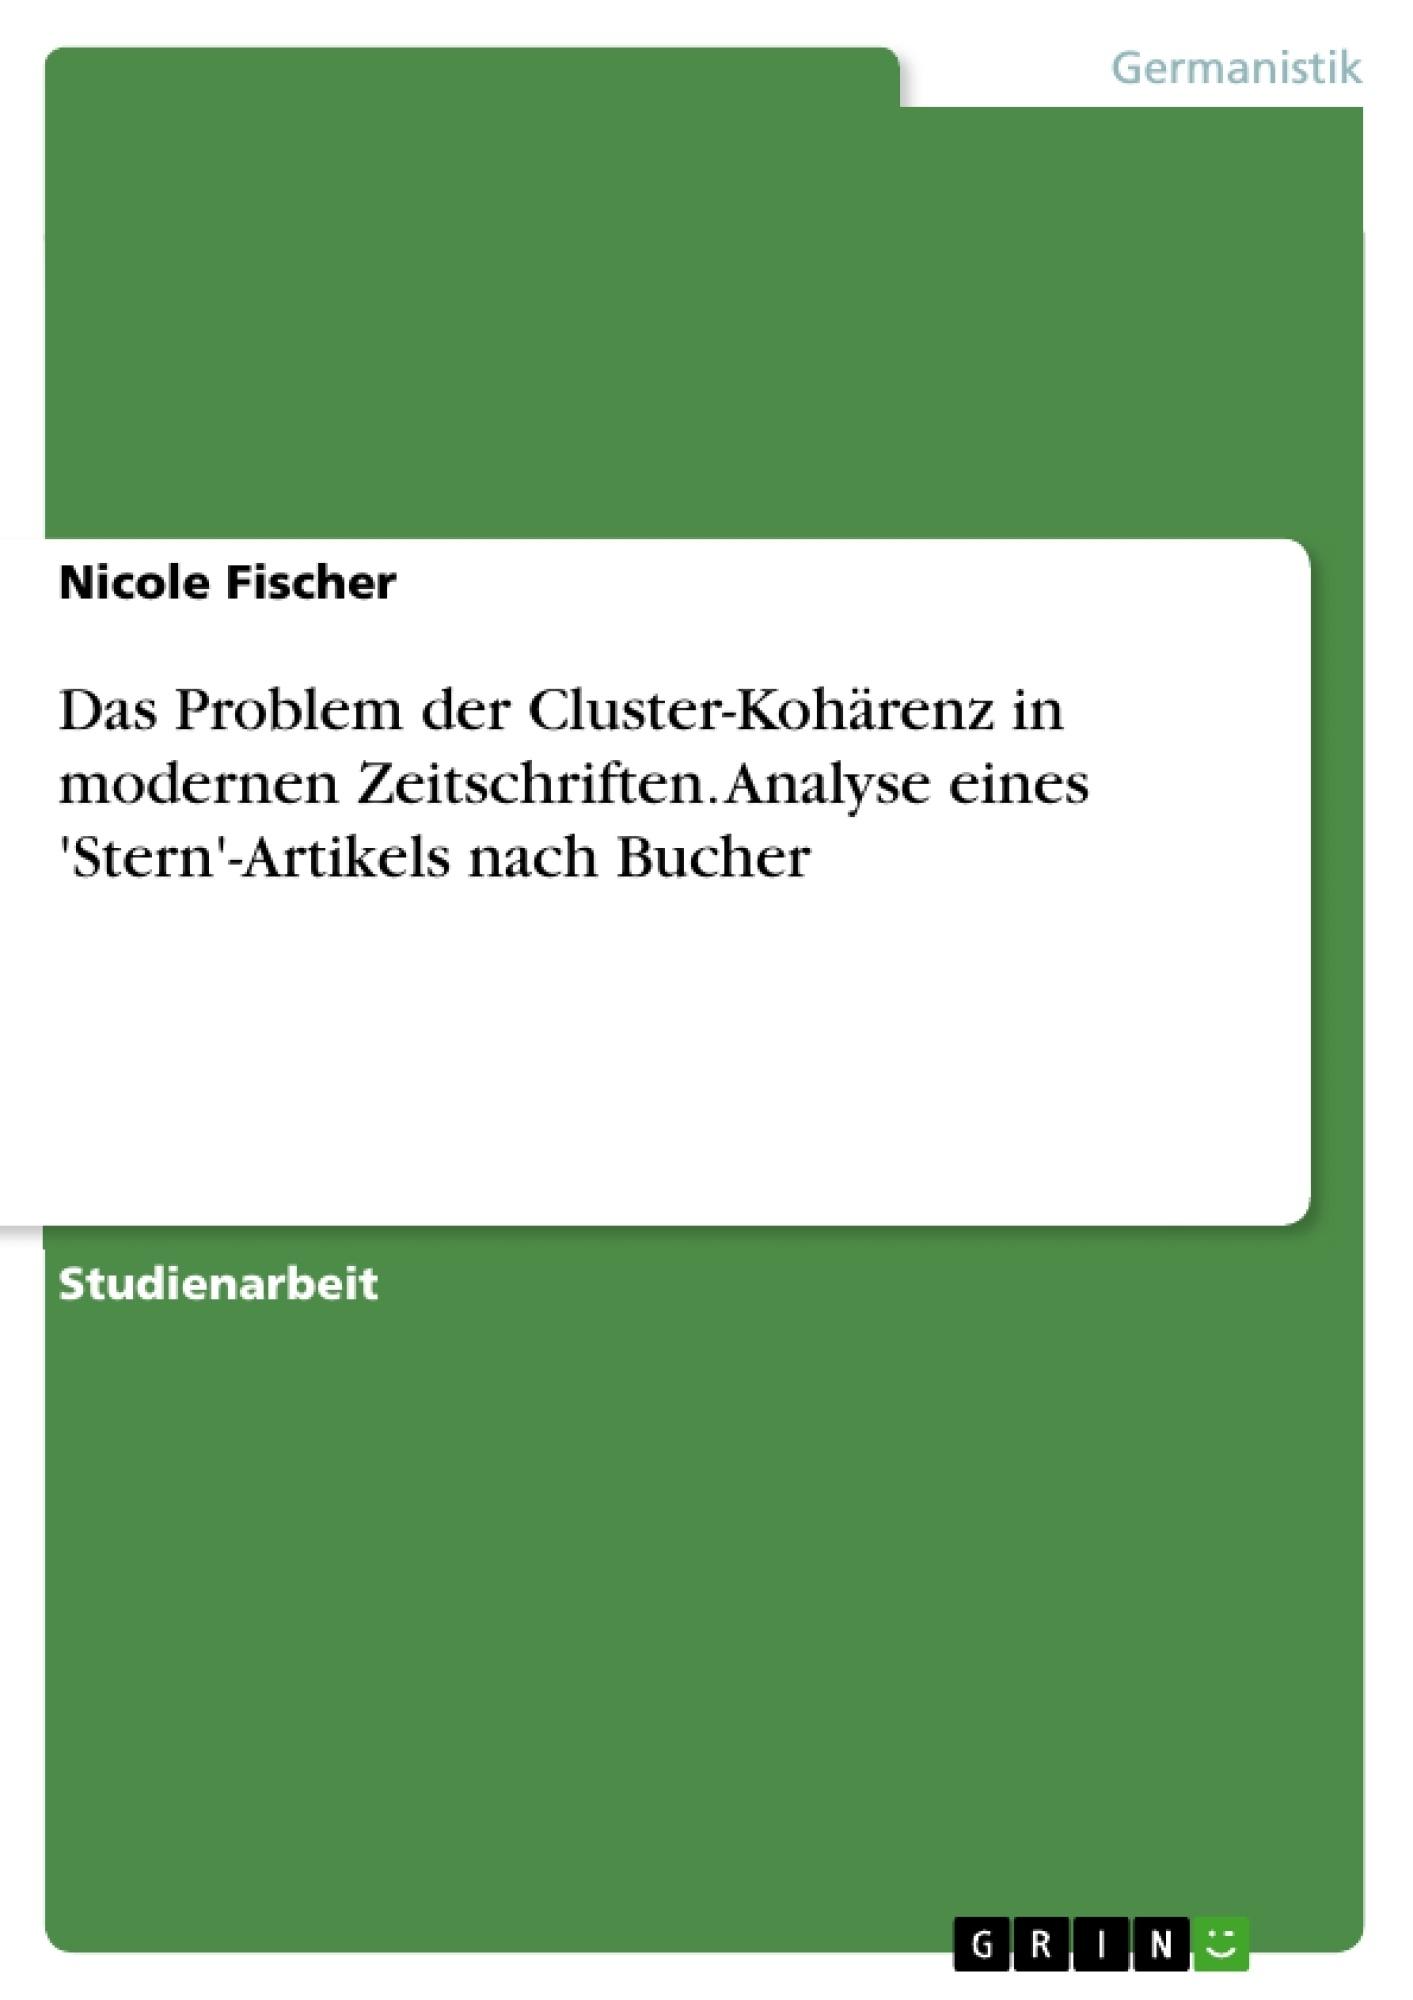 Titel: Das Problem der Cluster-Kohärenz in modernen Zeitschriften. Analyse eines 'Stern'-Artikels nach Bucher